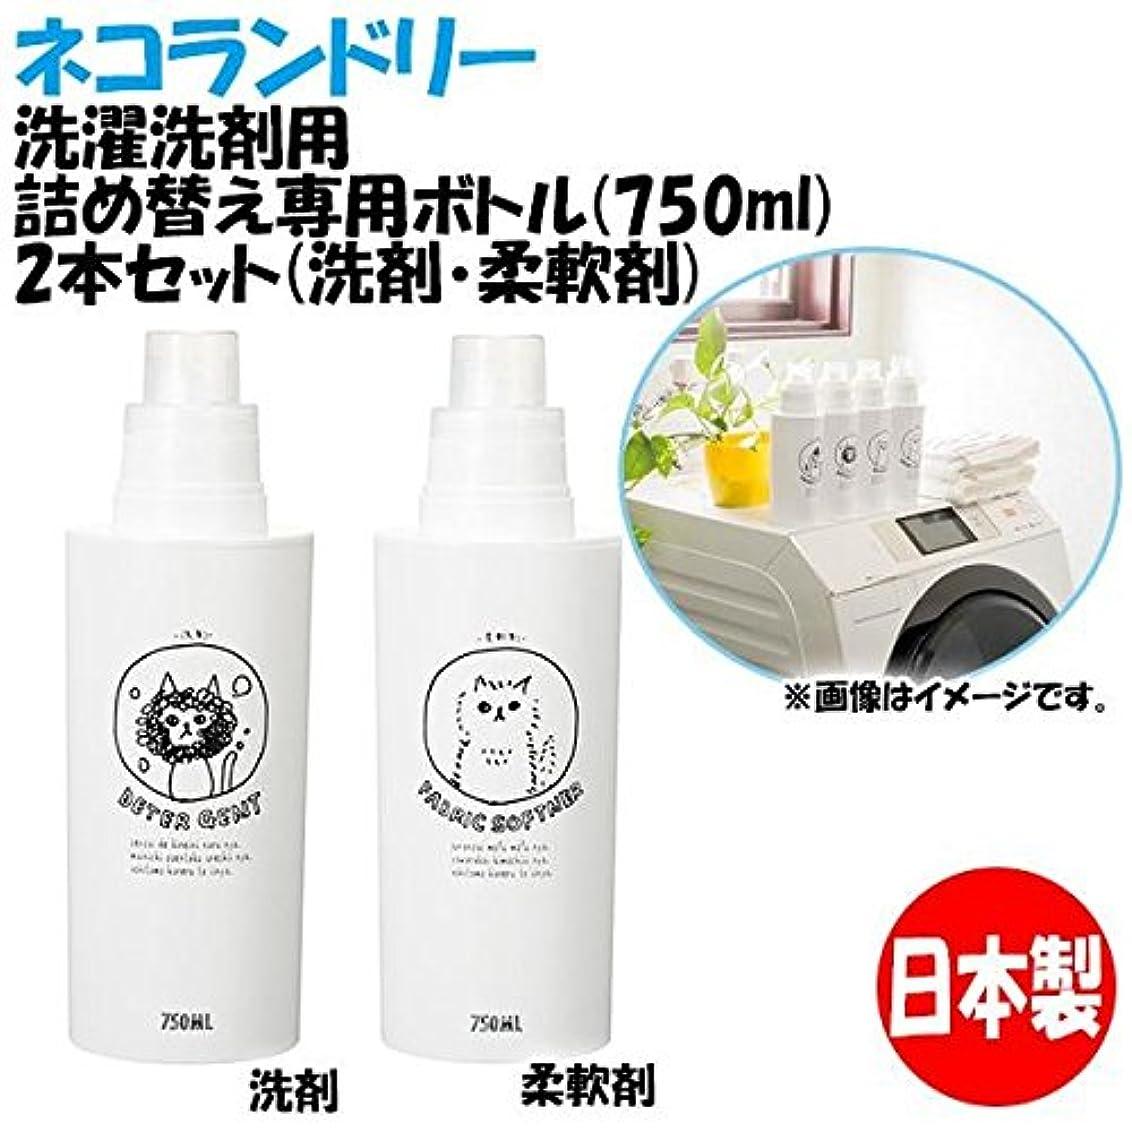 認知抑制するハードリング日本製 ネコランドリー 洗濯洗剤用詰め替え専用ボトル(750ml) 2本セット(洗剤?柔軟剤)